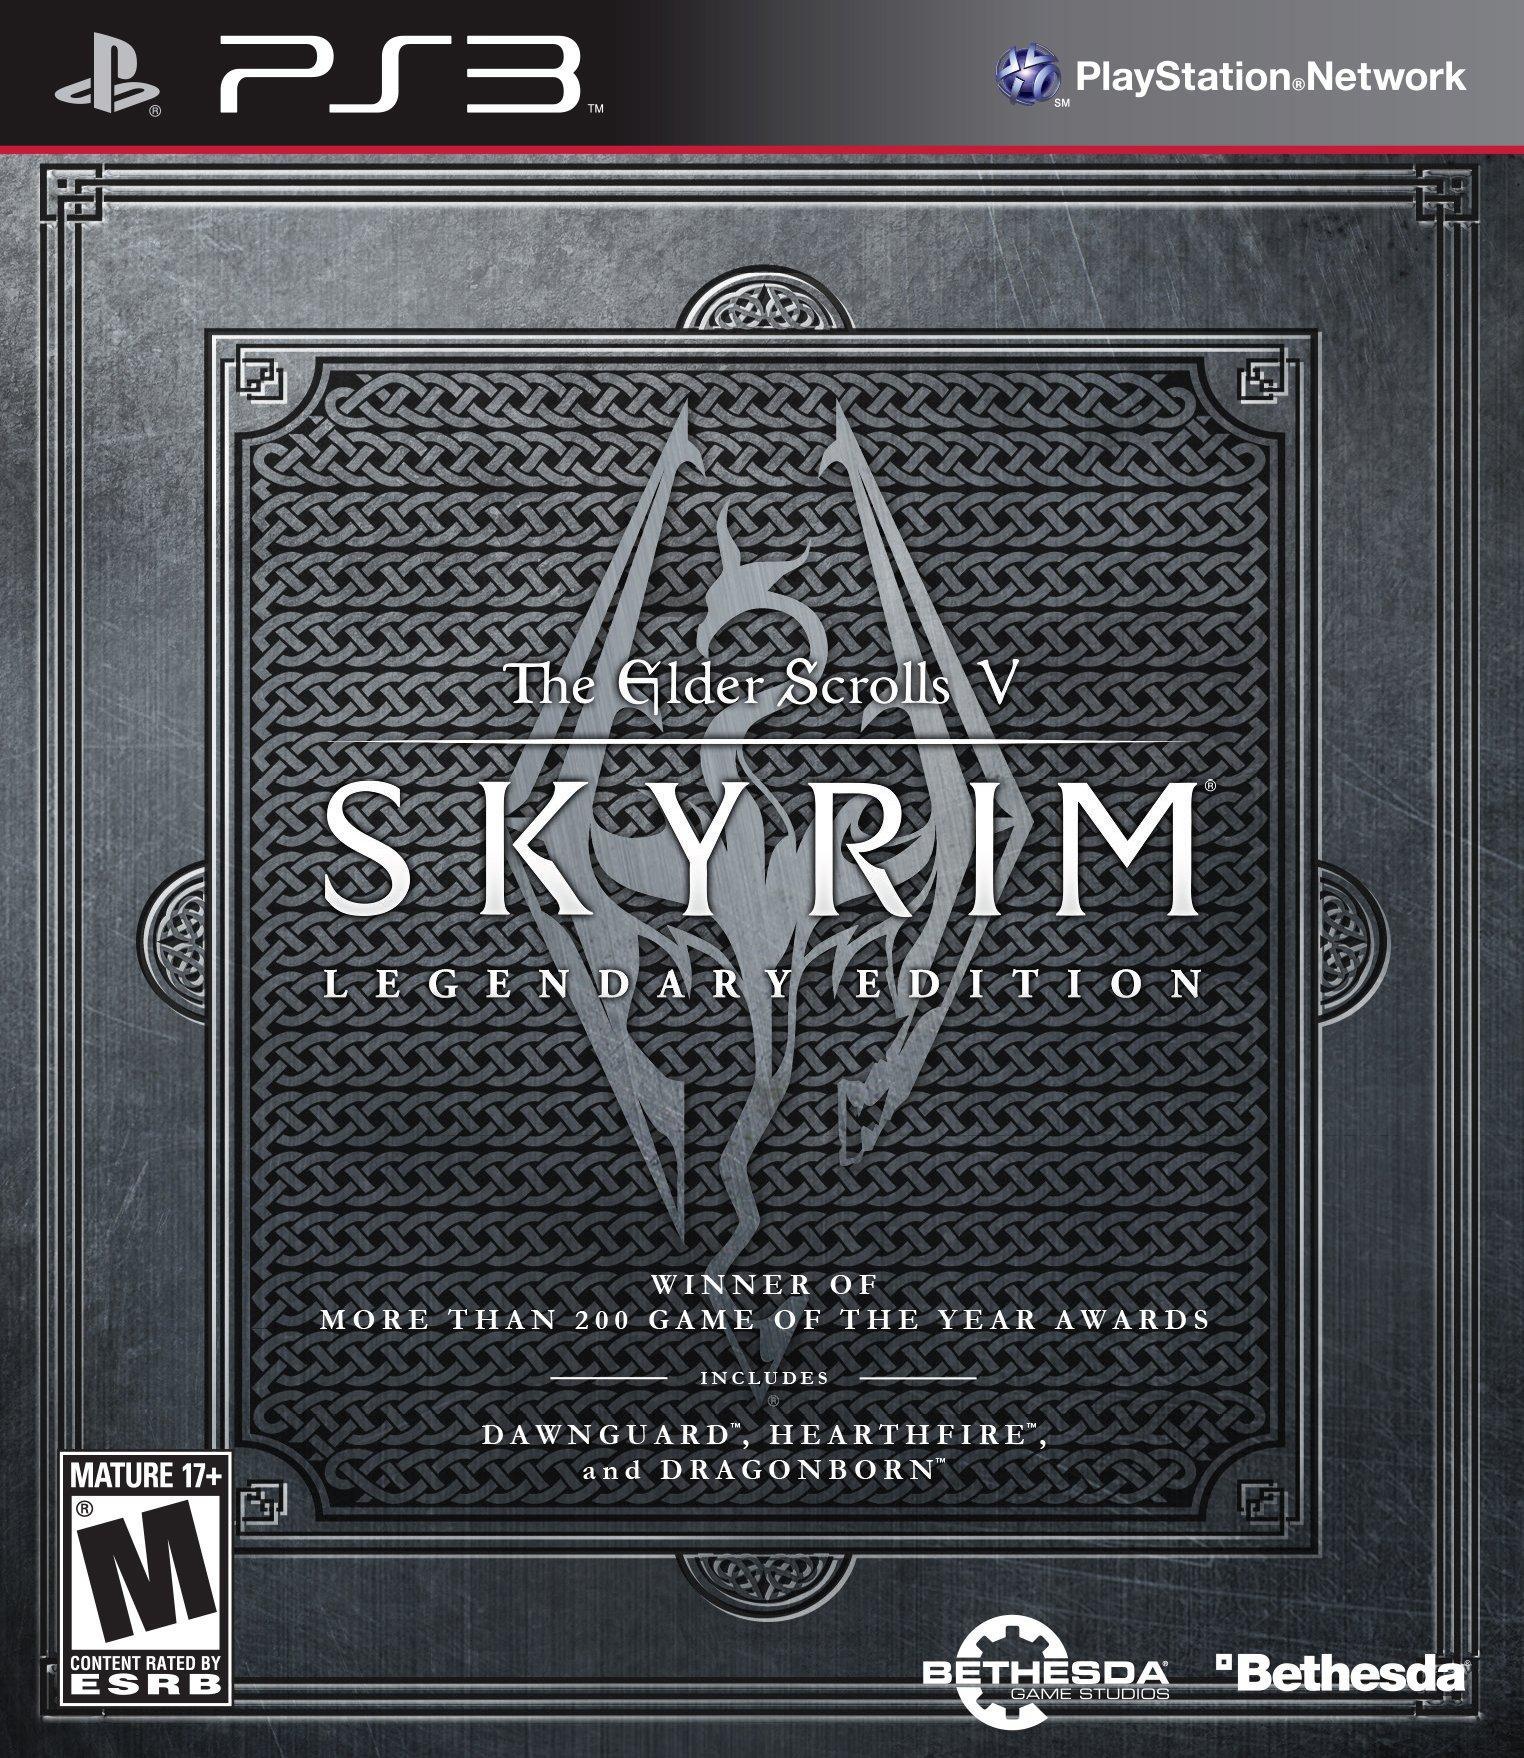 The Elder Scrolls V Skyrim Legendary Edition | PlayStation 3 | GameStop